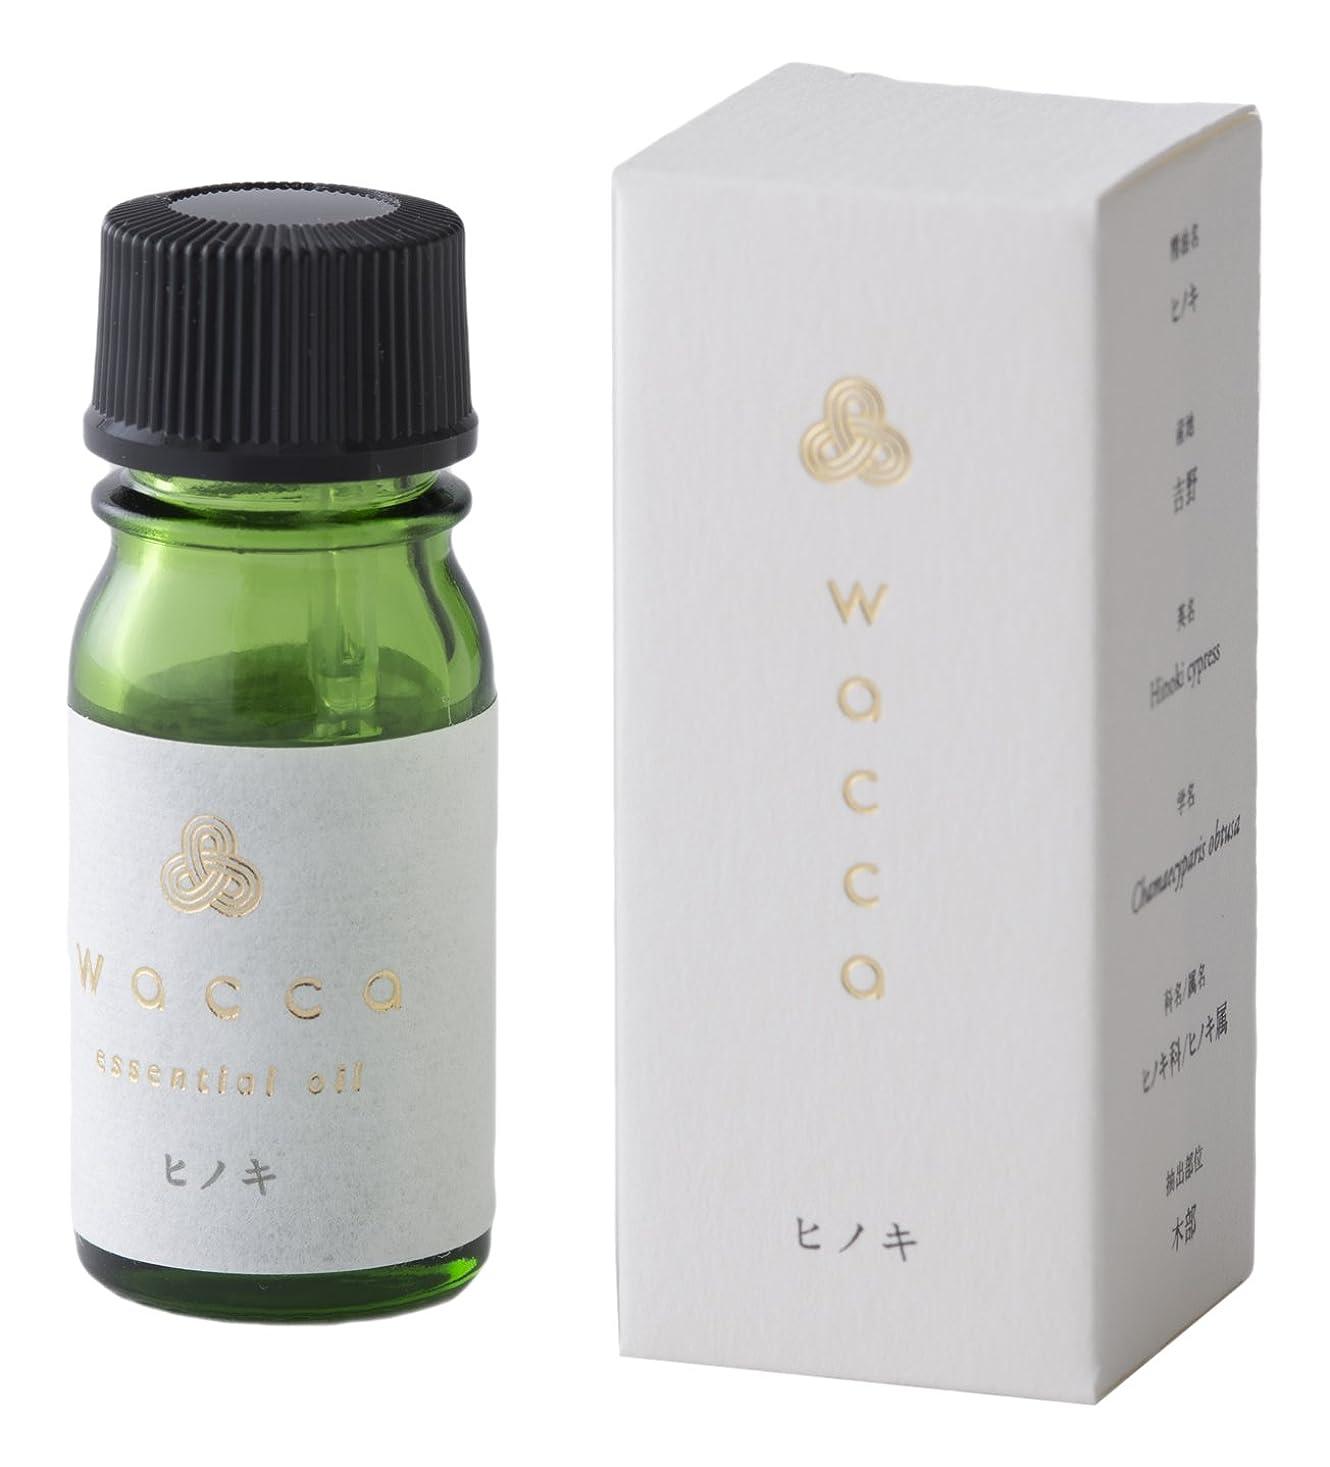 タイマー放置サーフィンwacca ワッカ エッセンシャルオイル 5ml 檜 ヒノキ Hinoki cypress essential oil 和精油 KUSU HANDMADE